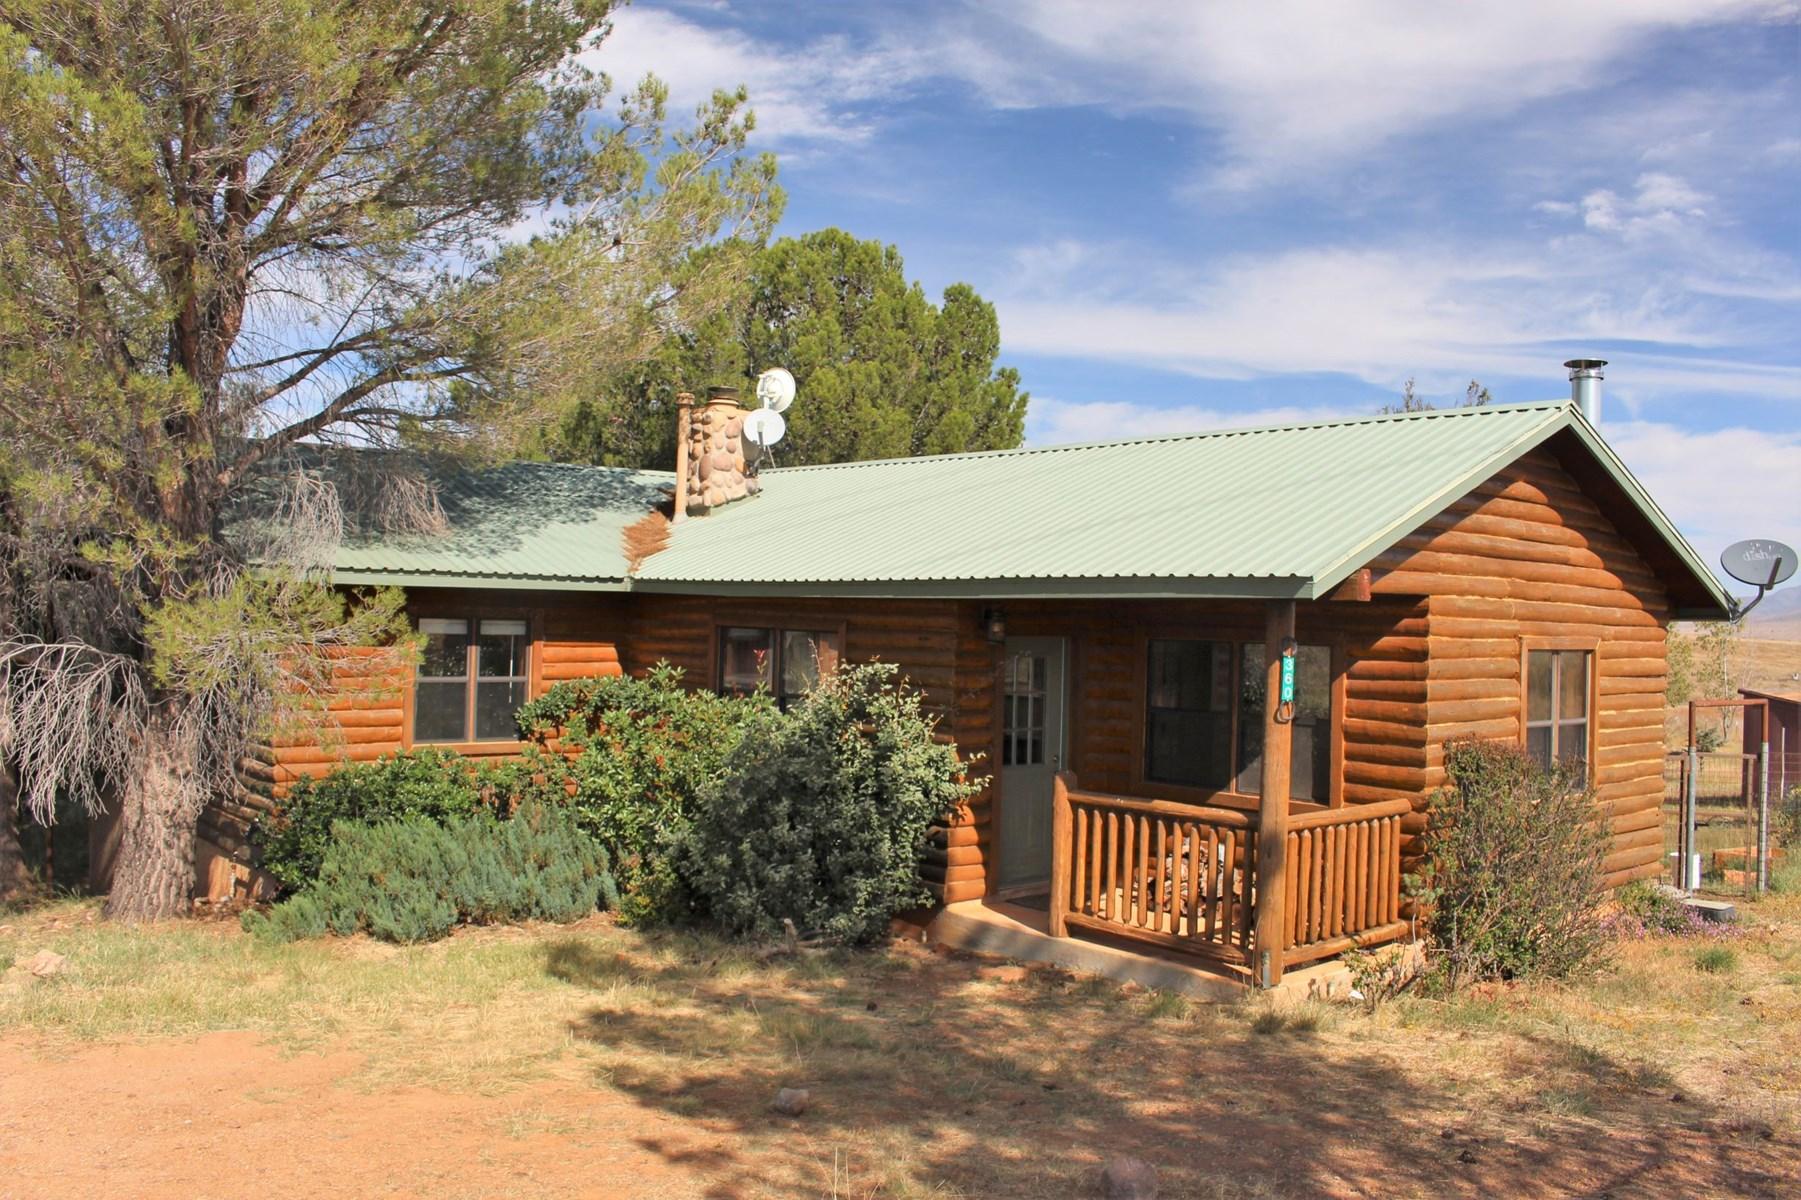 Log Home on 4+ Acres in Desirable Elgin-Sonoita, AZ Area